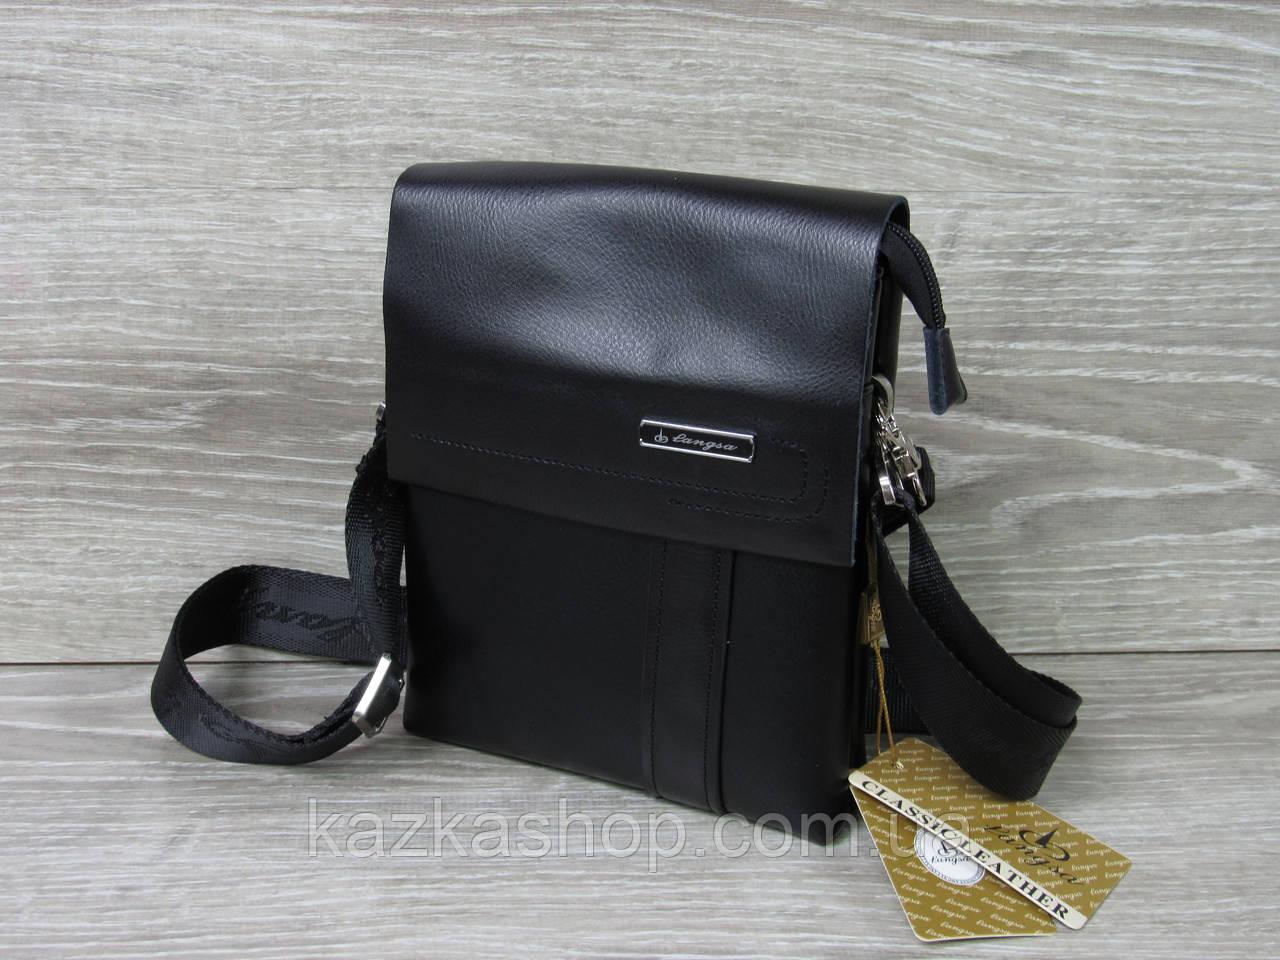 Мужская сумка через плечо черного цвета из искусственной кожи, несколько отделов, с клапаном 18х22 см